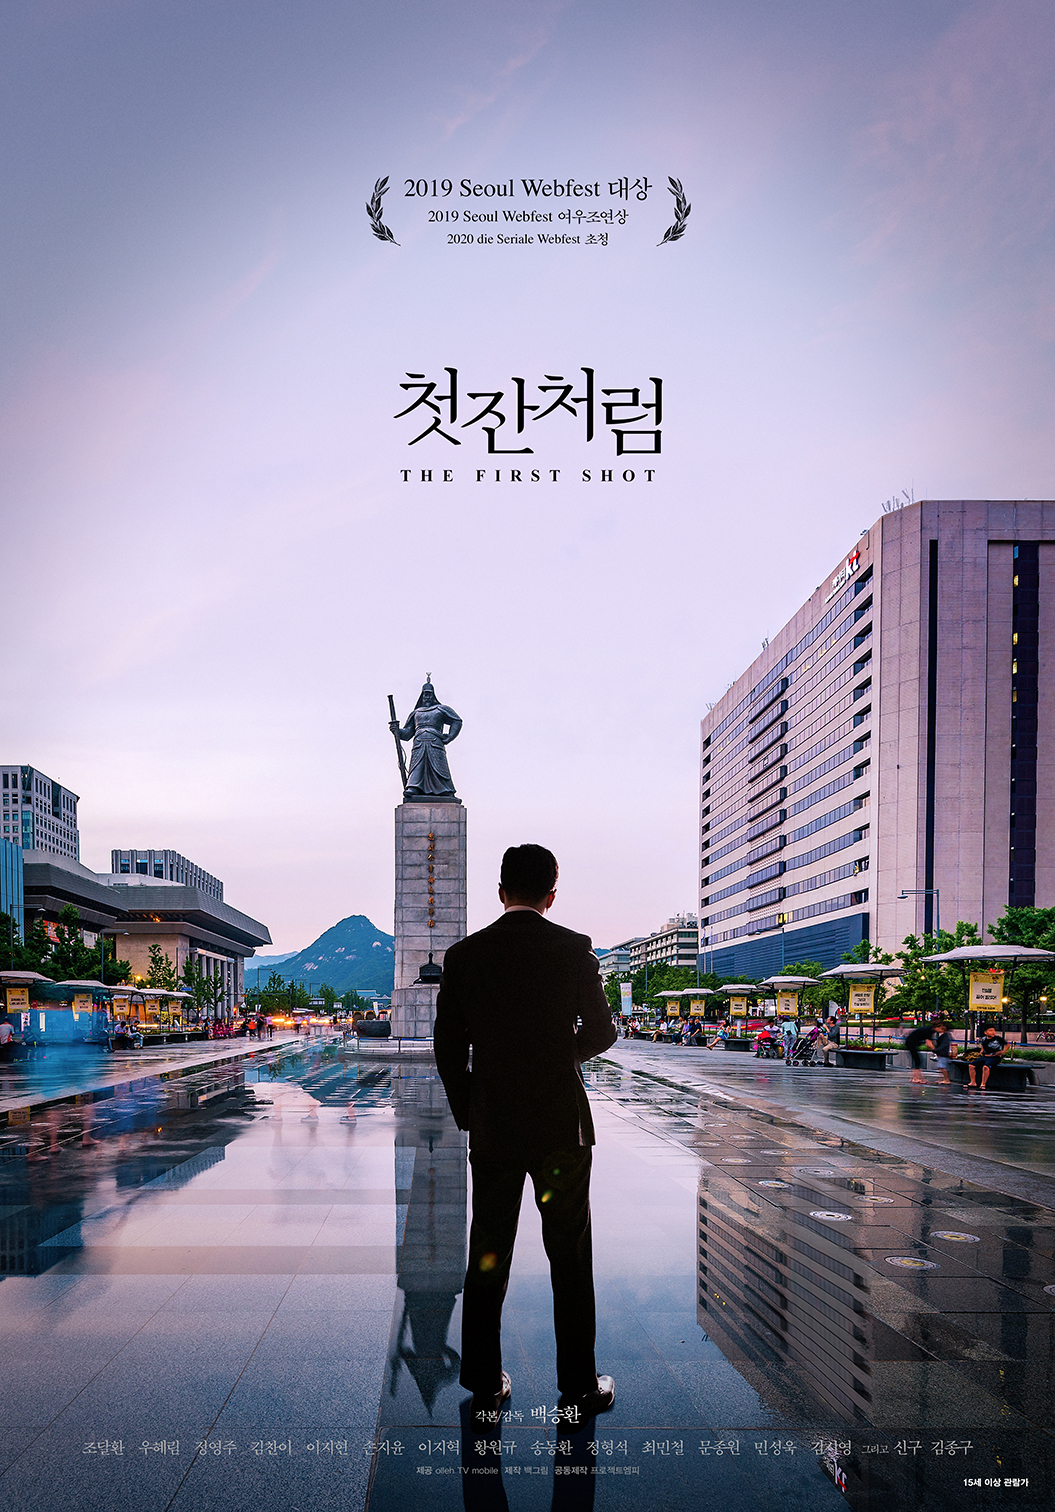 2019 韩国《如同第一杯》讲述了关于胆小的药店销售员找到自信的故事